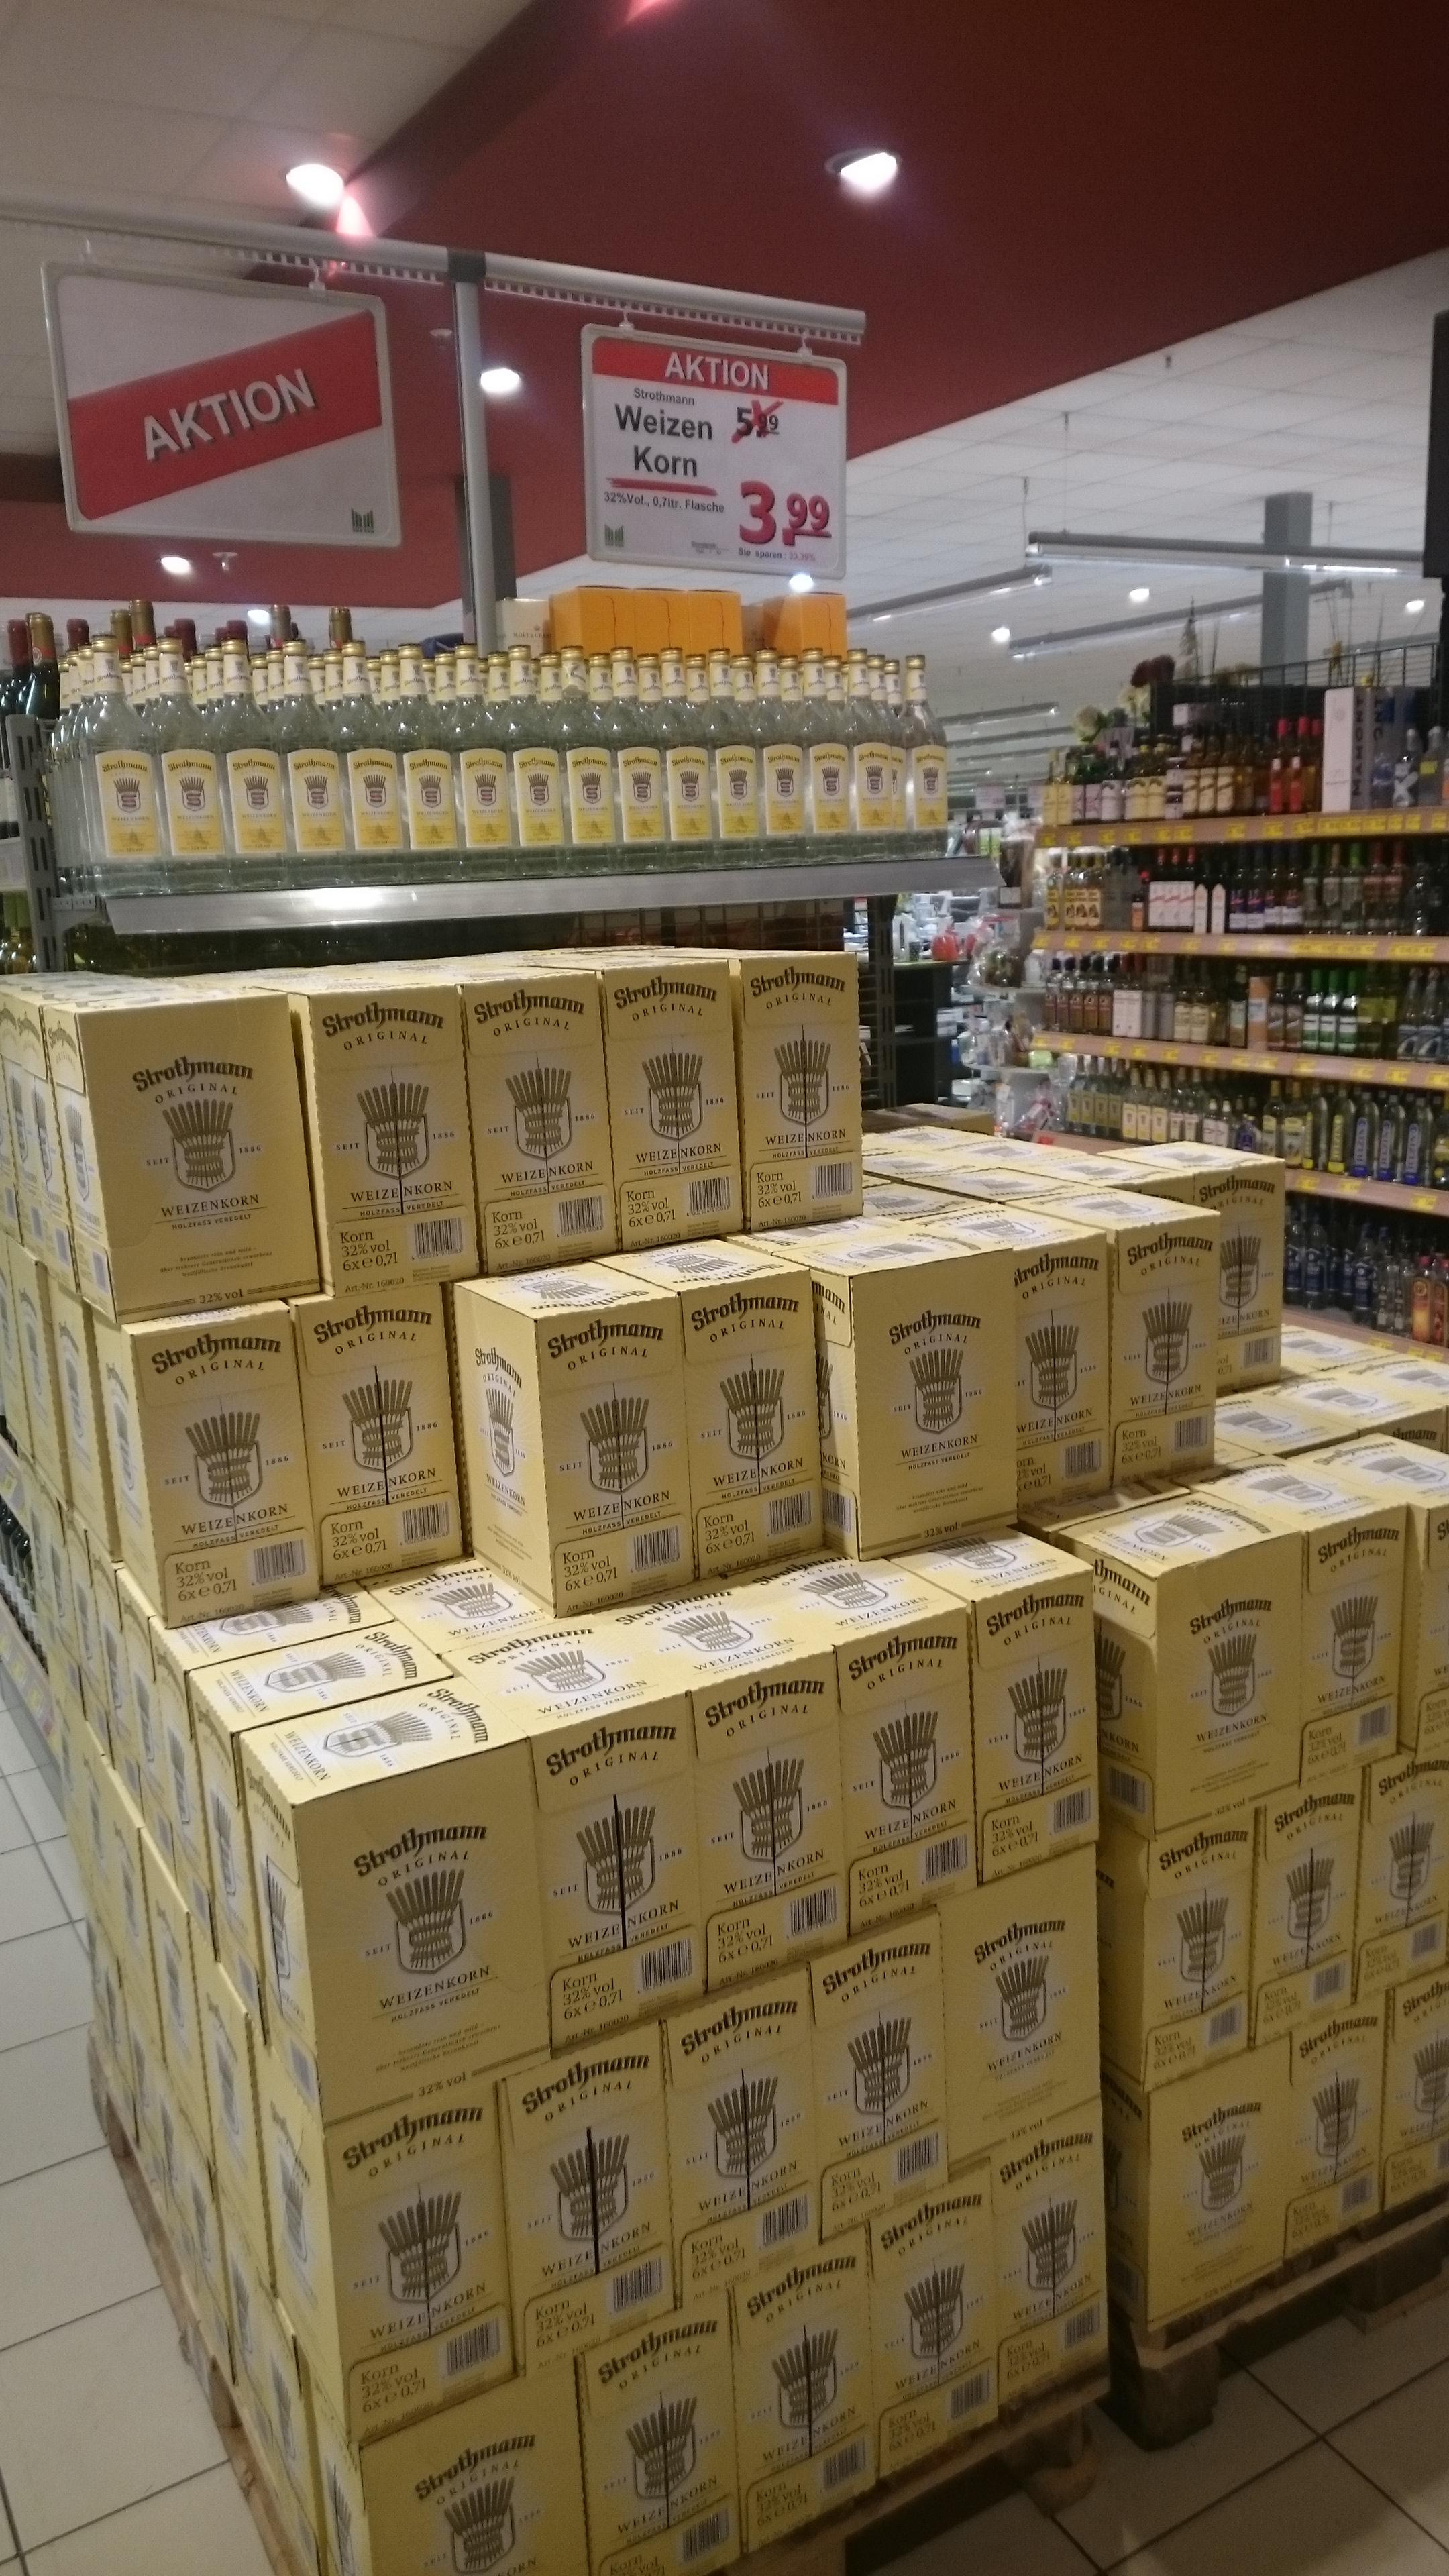 Strothmann Korn 0,7 Liter - 3,99€! Lokal?! Cuxhaven